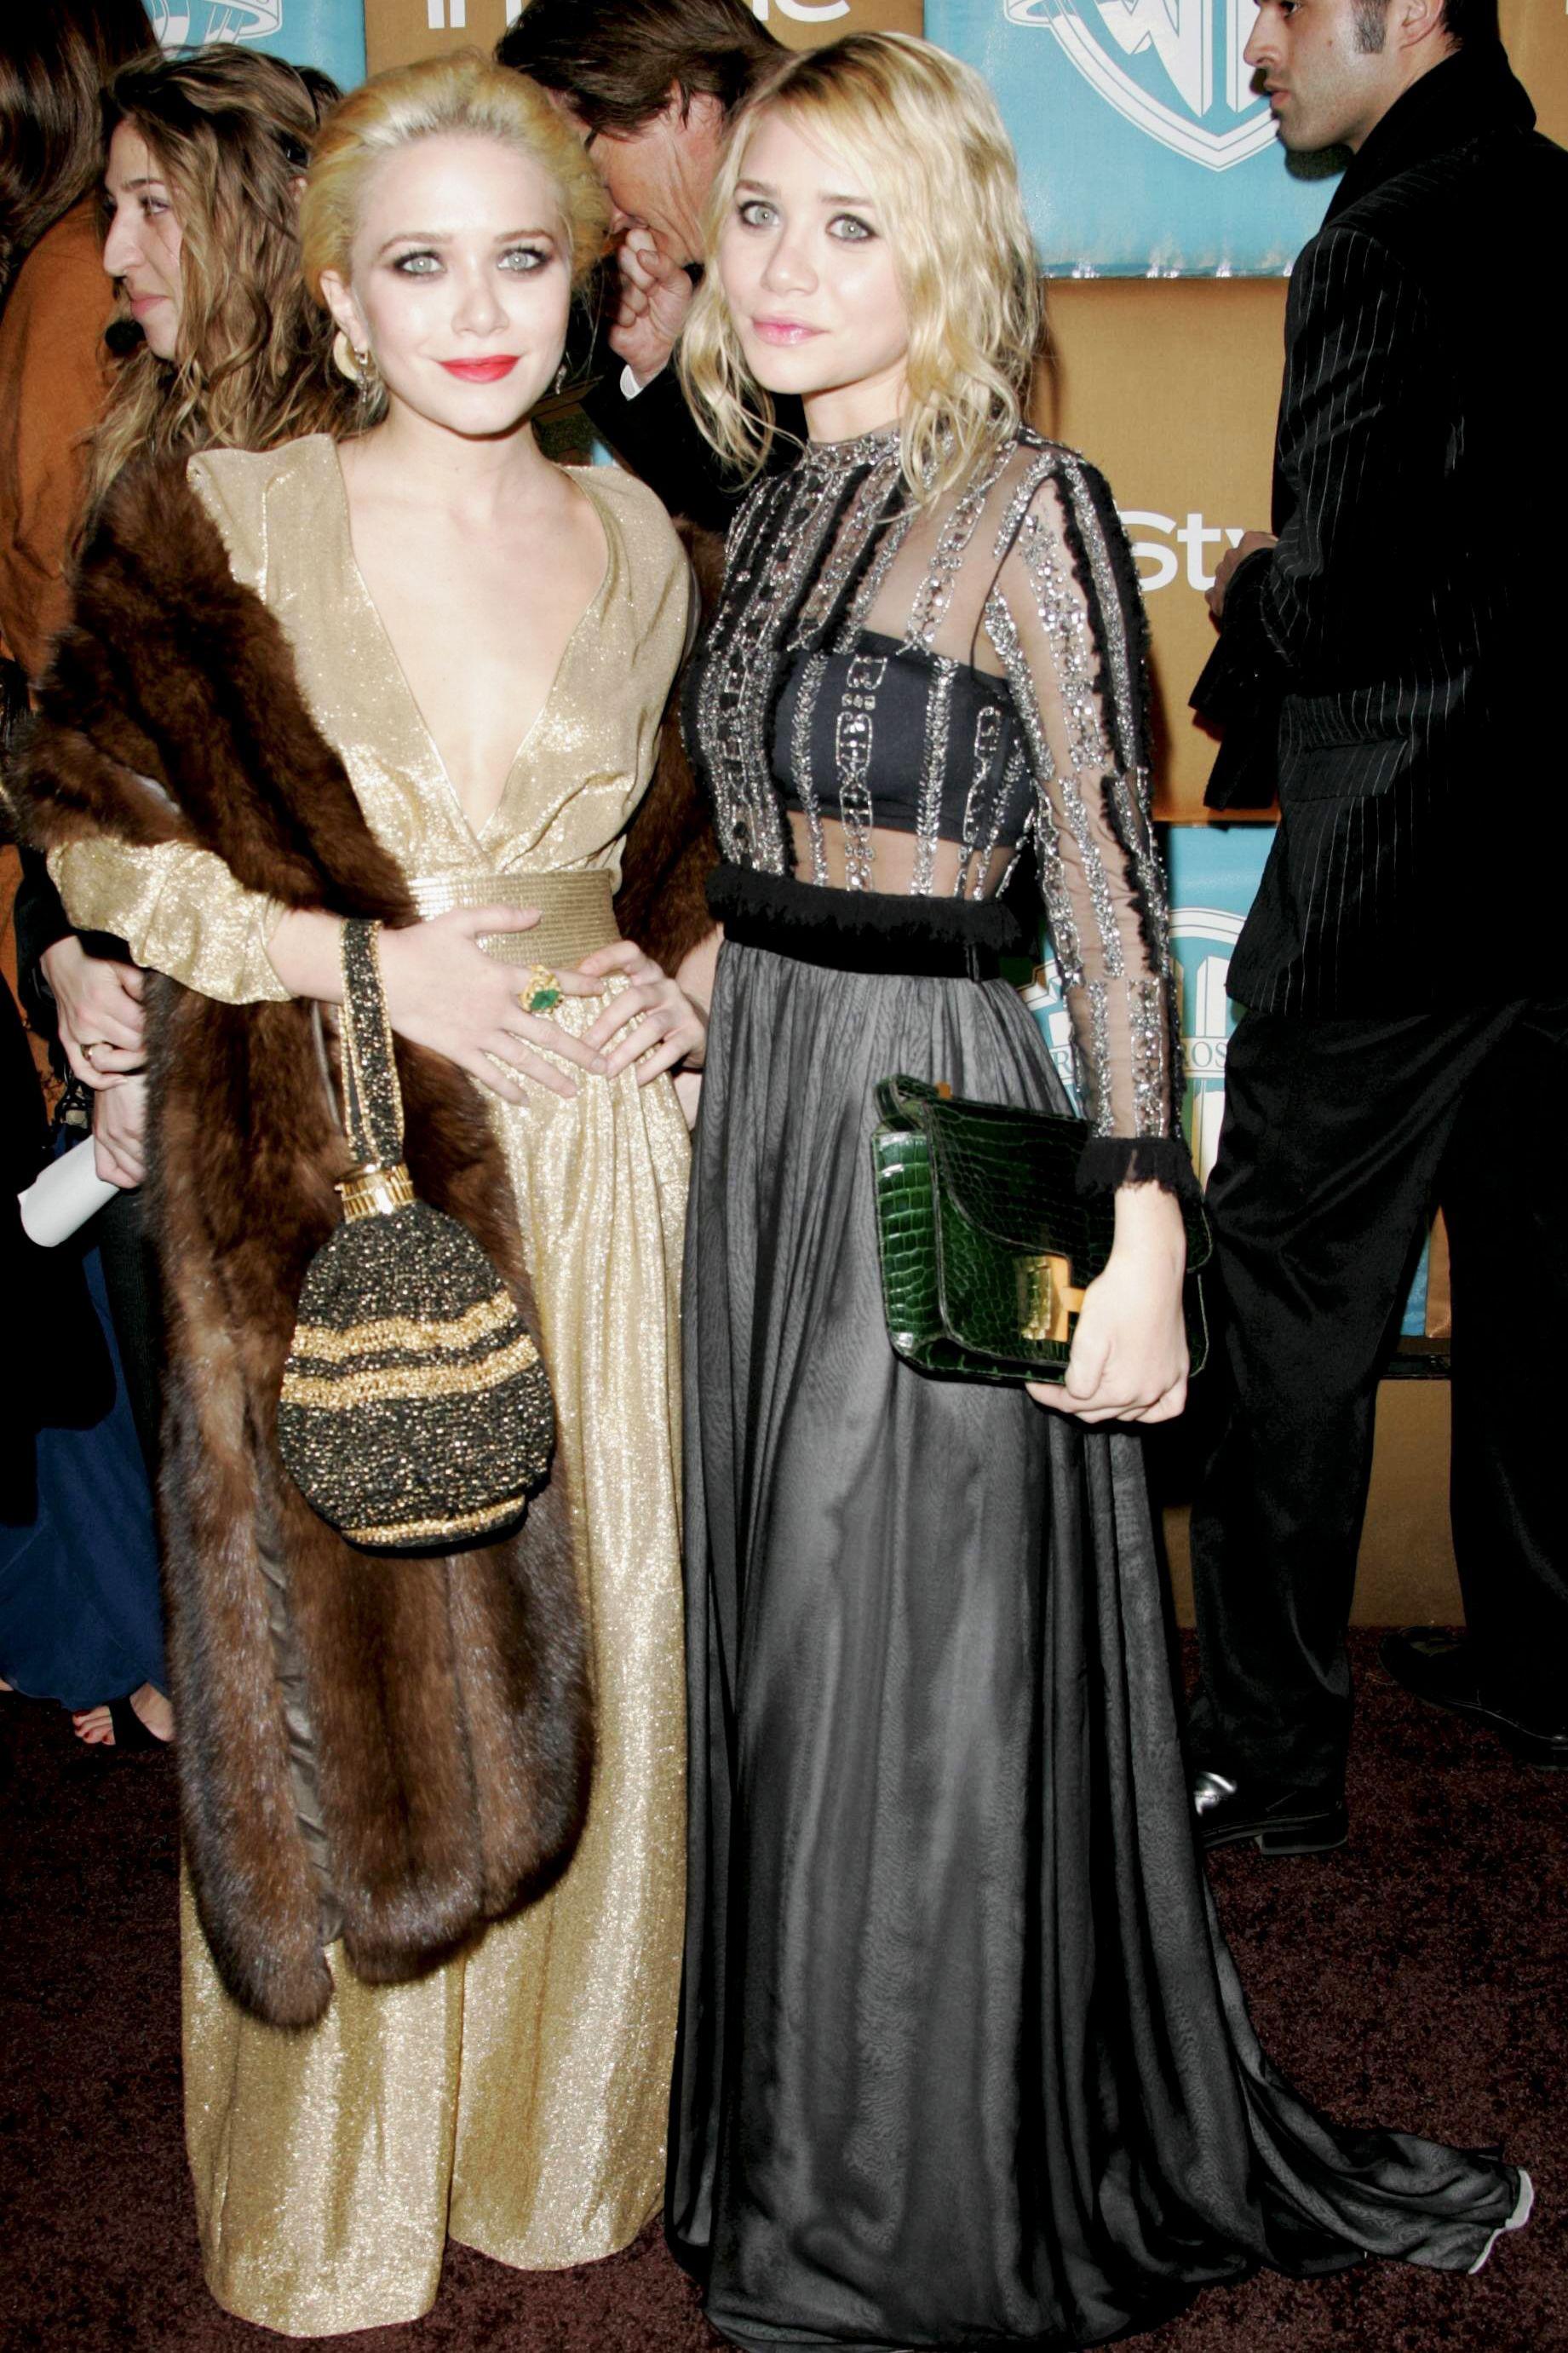 Lecciones de estilo que aprendimos de las gemelas Olsen - image olsen-vintage-vanidad on https://www.vanidad.es